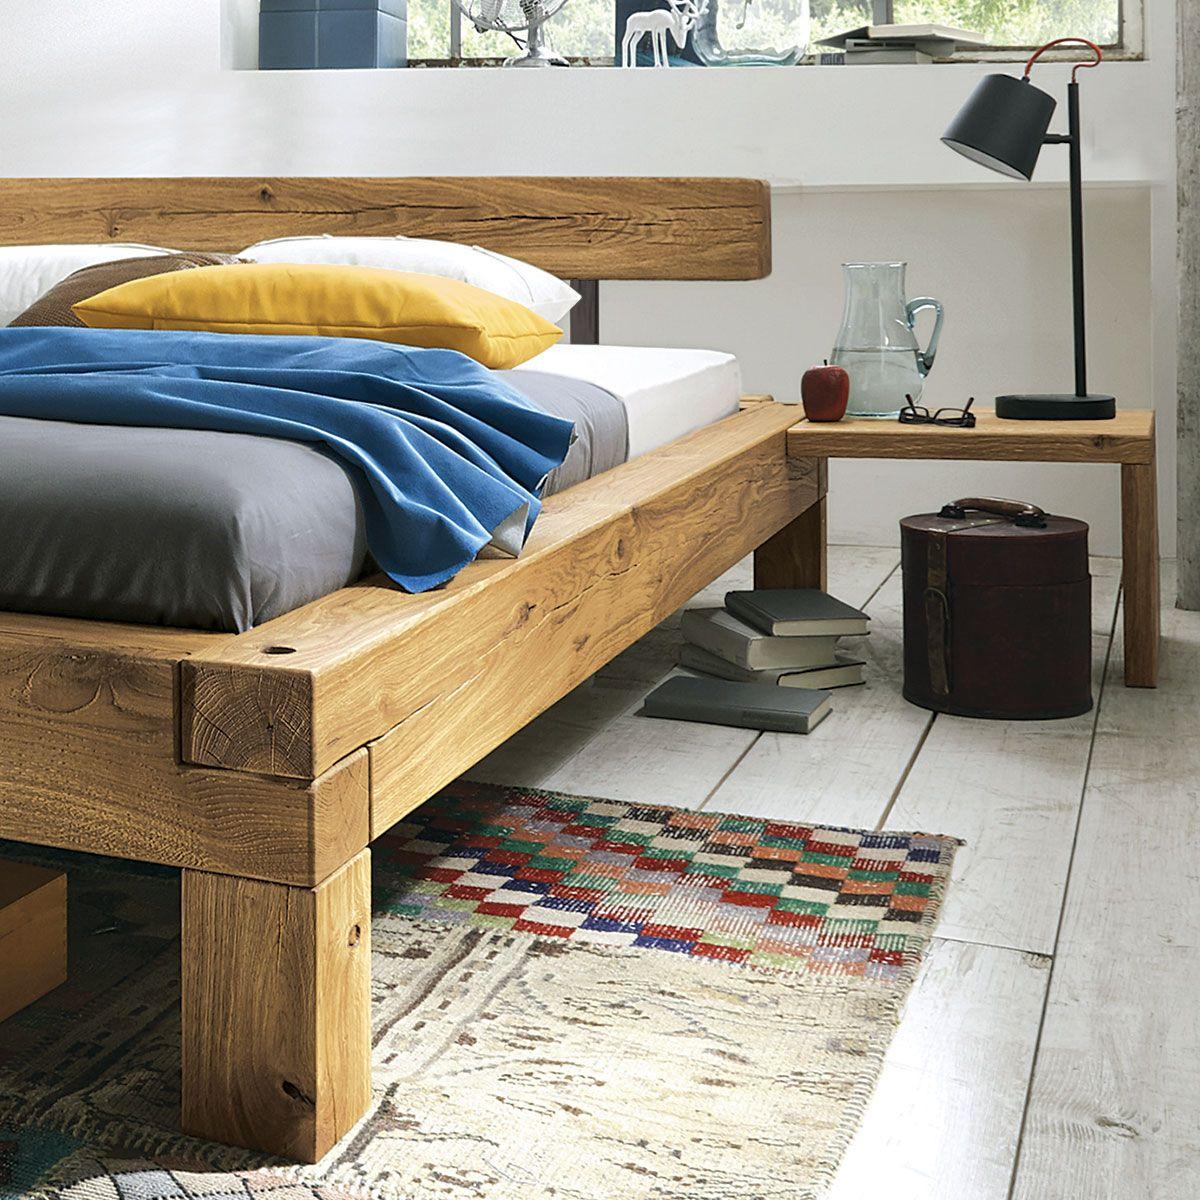 Balkenbett Madea In 2020 Moderne Schlafzimmermobel Bett Und